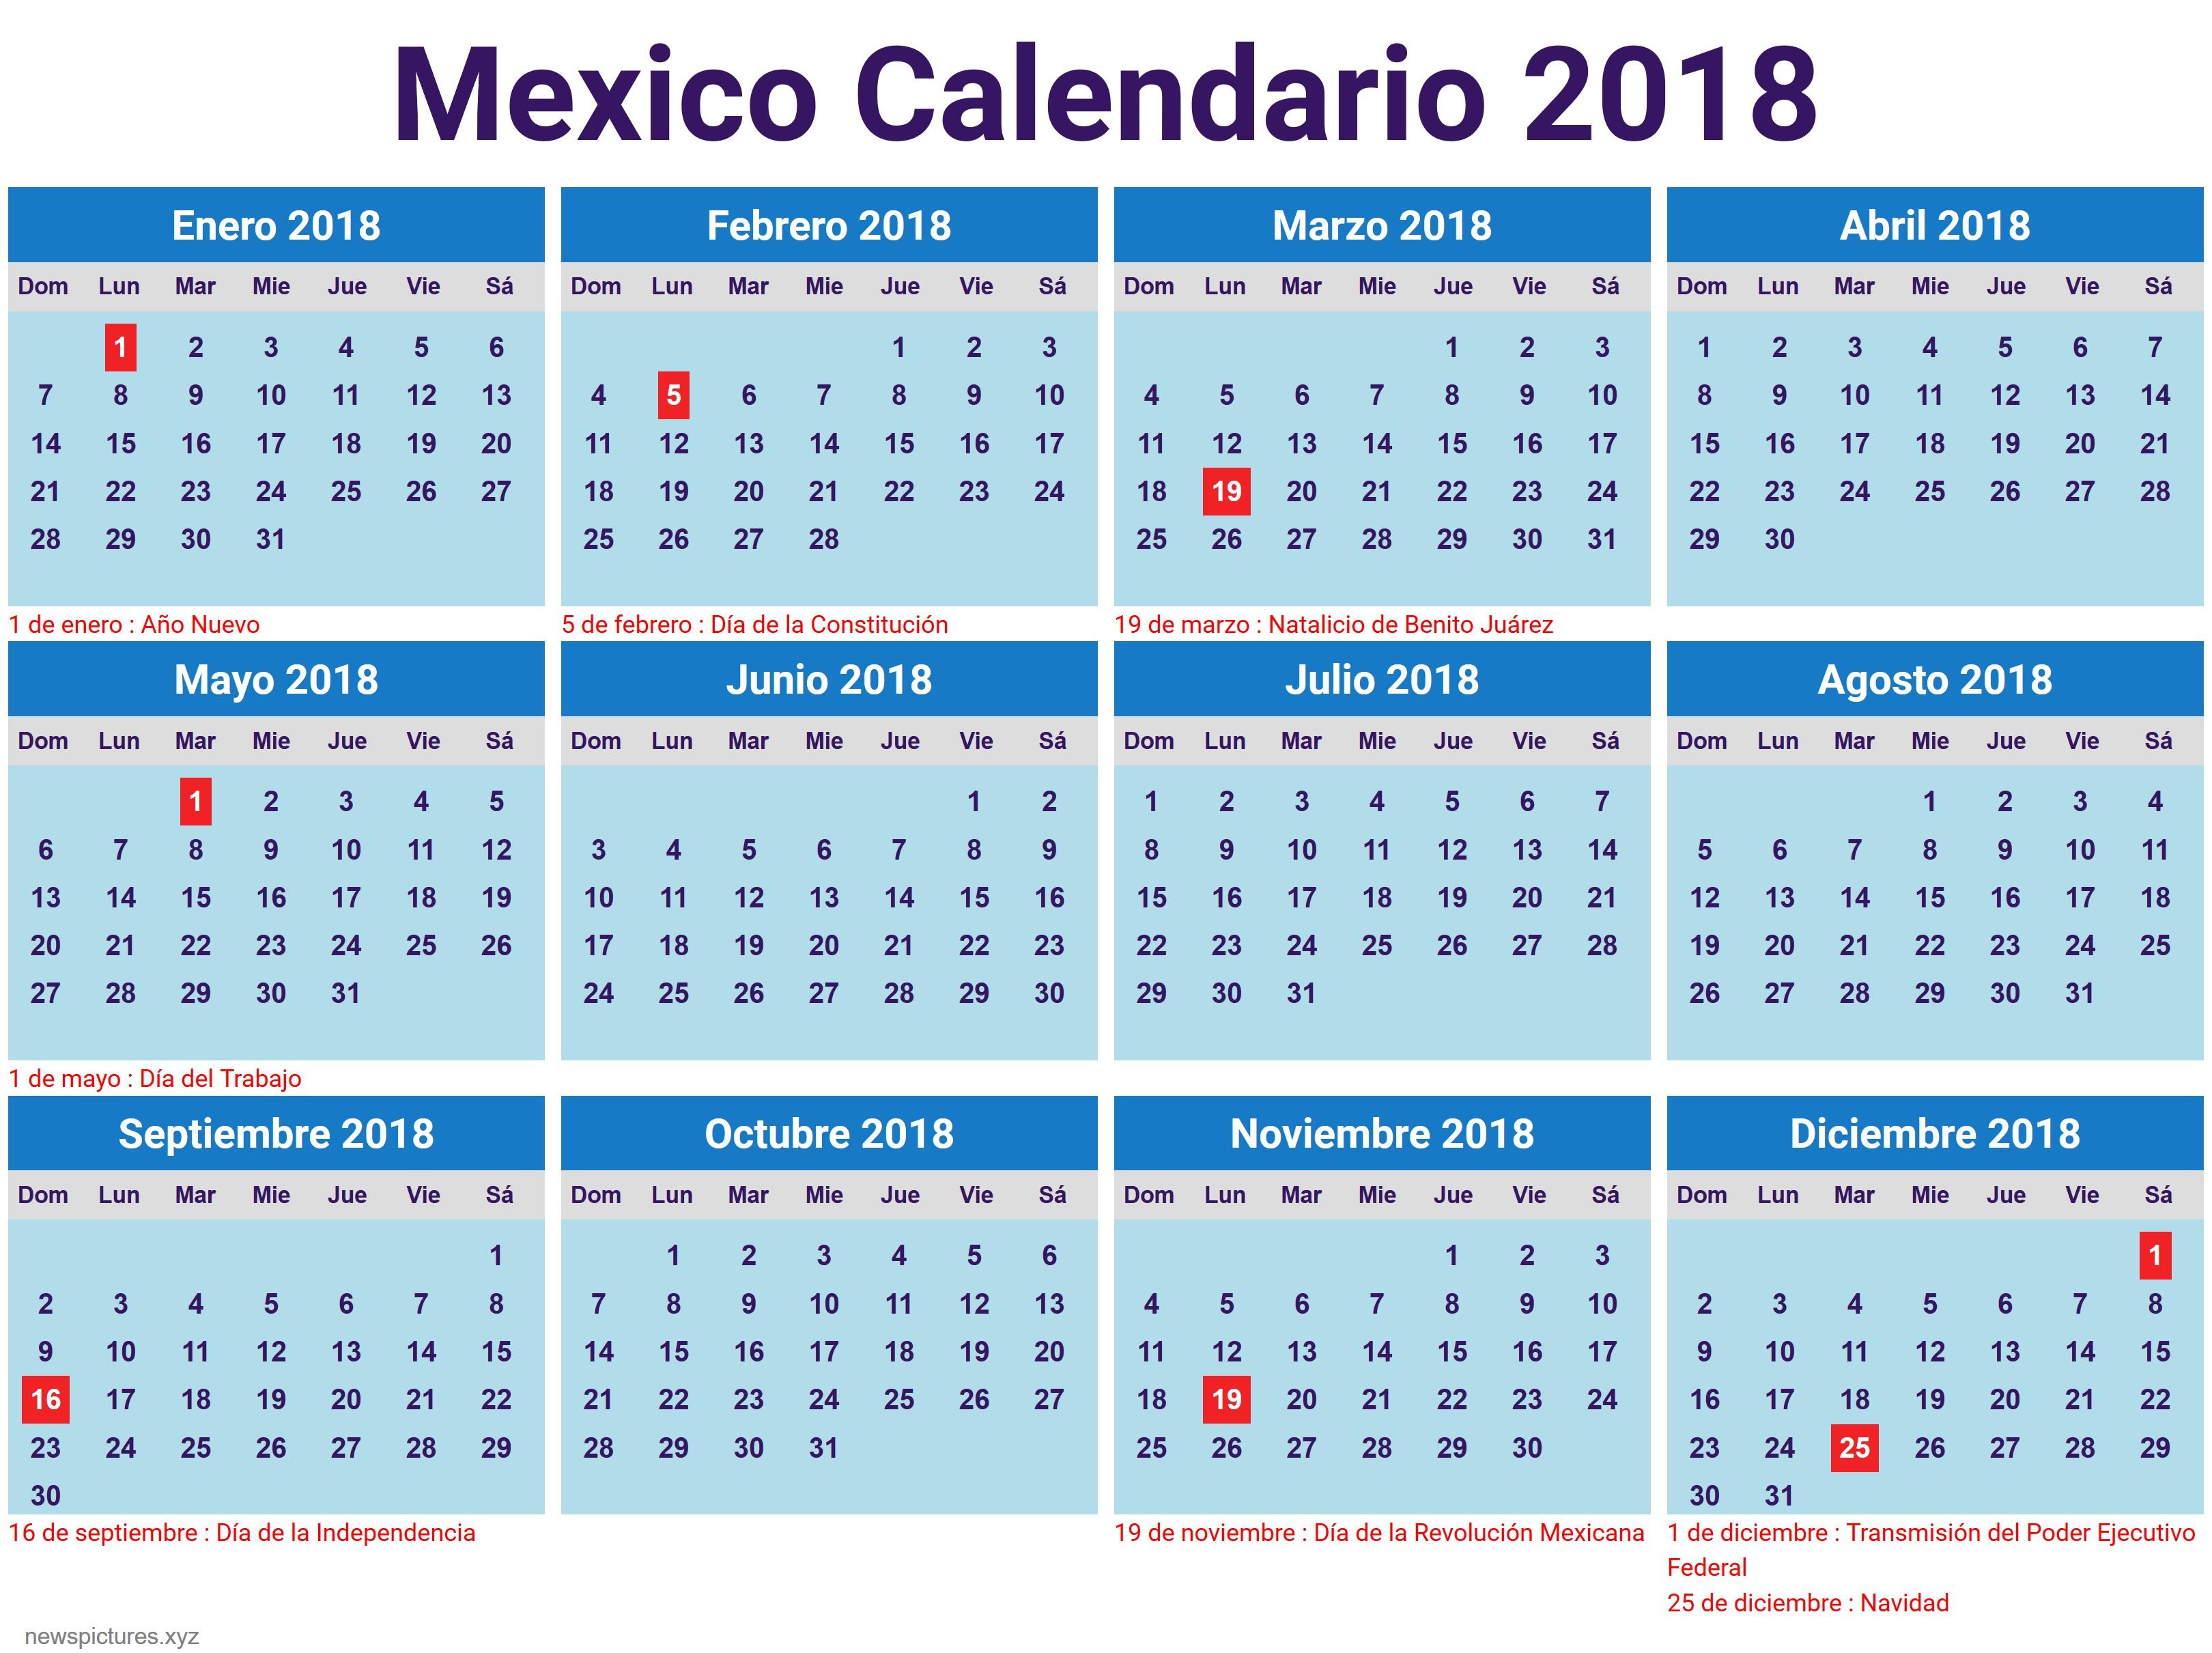 Calendario Abril 2019 Para Imprimir Excel Más Recientes Calendario 2018 En Excel Of Calendario Abril 2019 Para Imprimir Excel Más Populares Calendario Para Imprimir 2018 2019 Адвент каРендарь